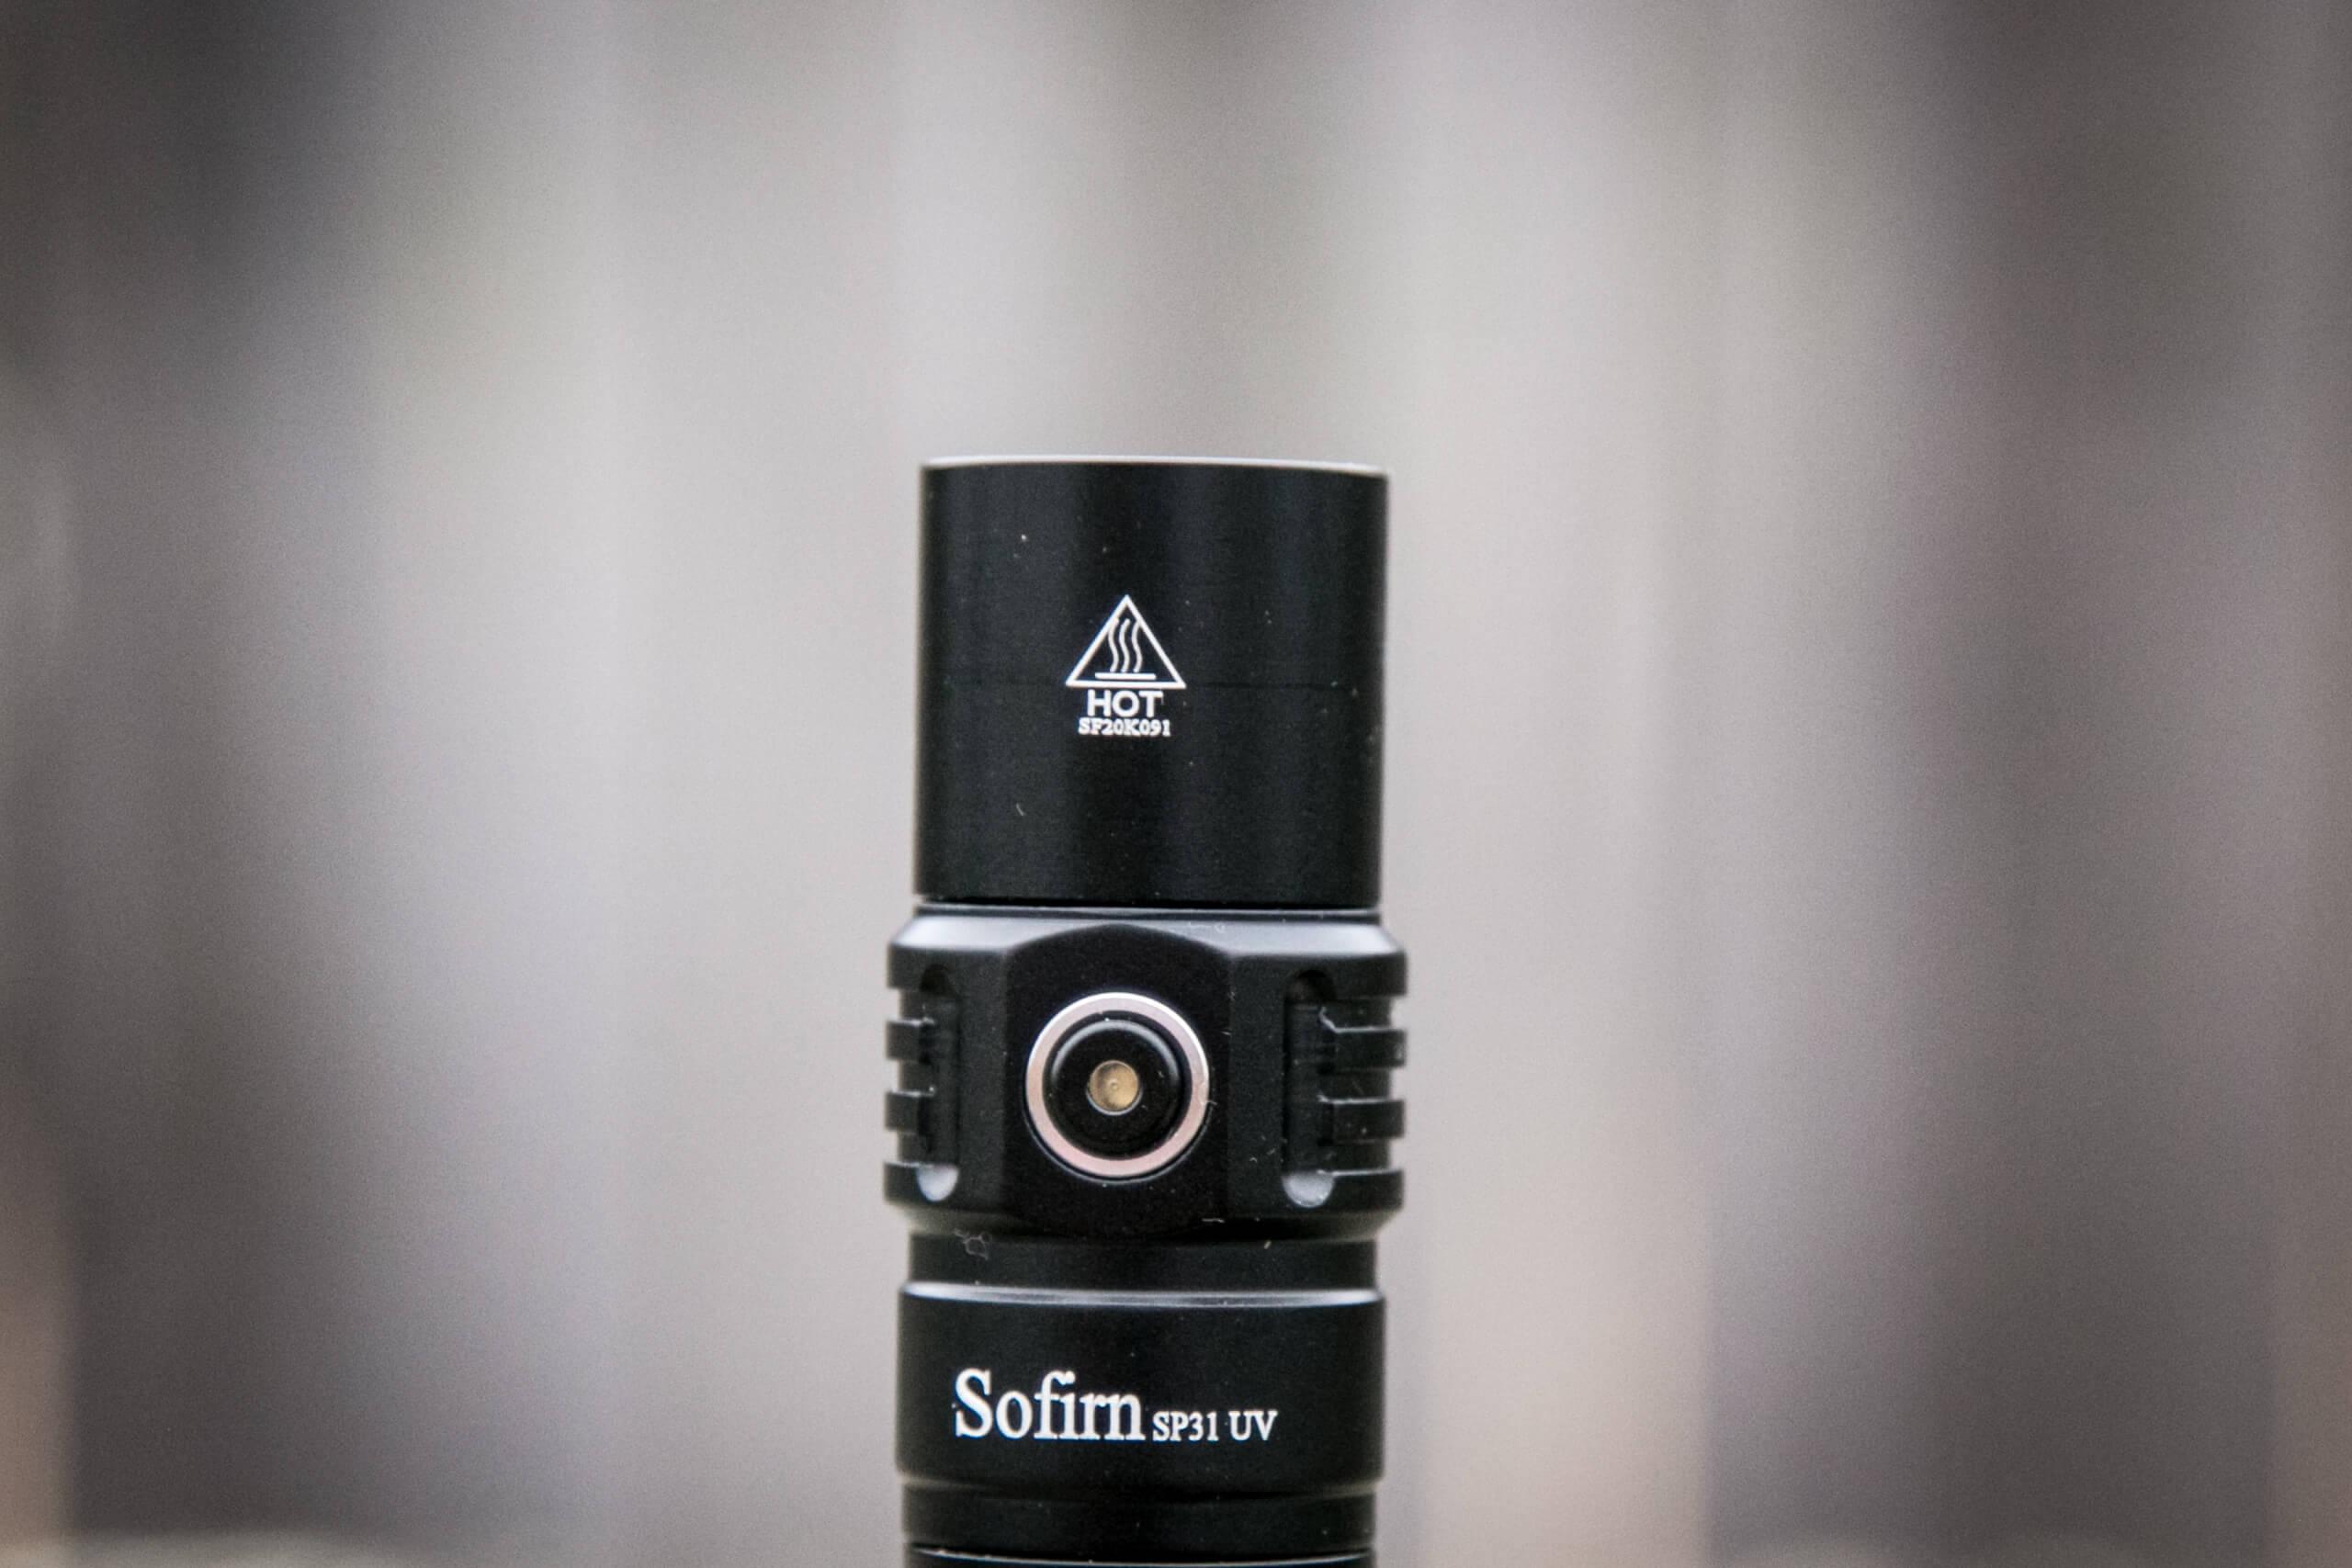 sofirn sp31uv ultraviolet 18650 flashlight head